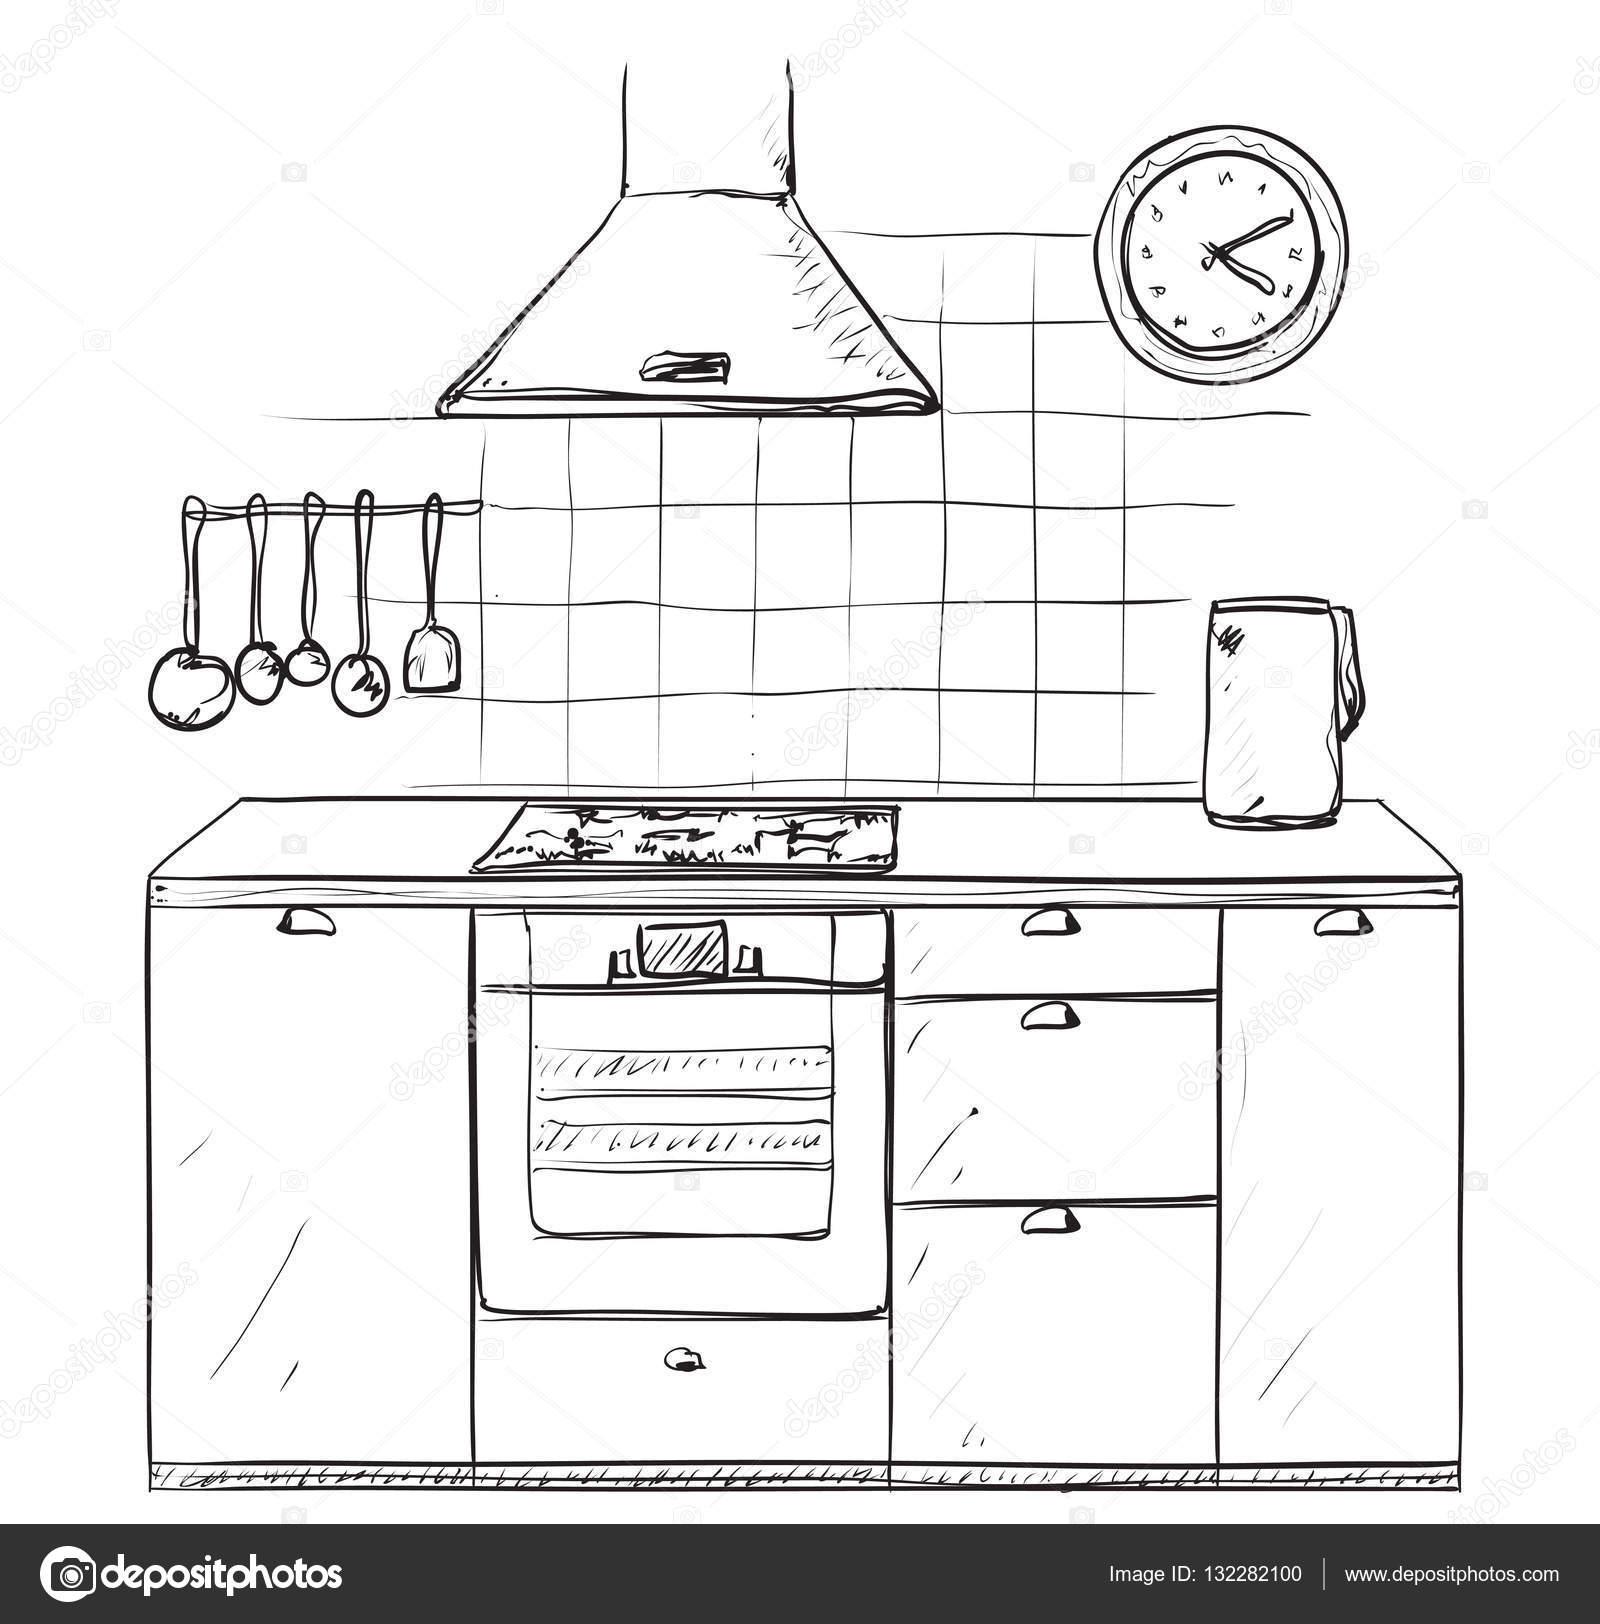 Dibujos De Cocinas Dibujo De Cocinas Mimasku Com # Muebles Dibujos Para Colorear